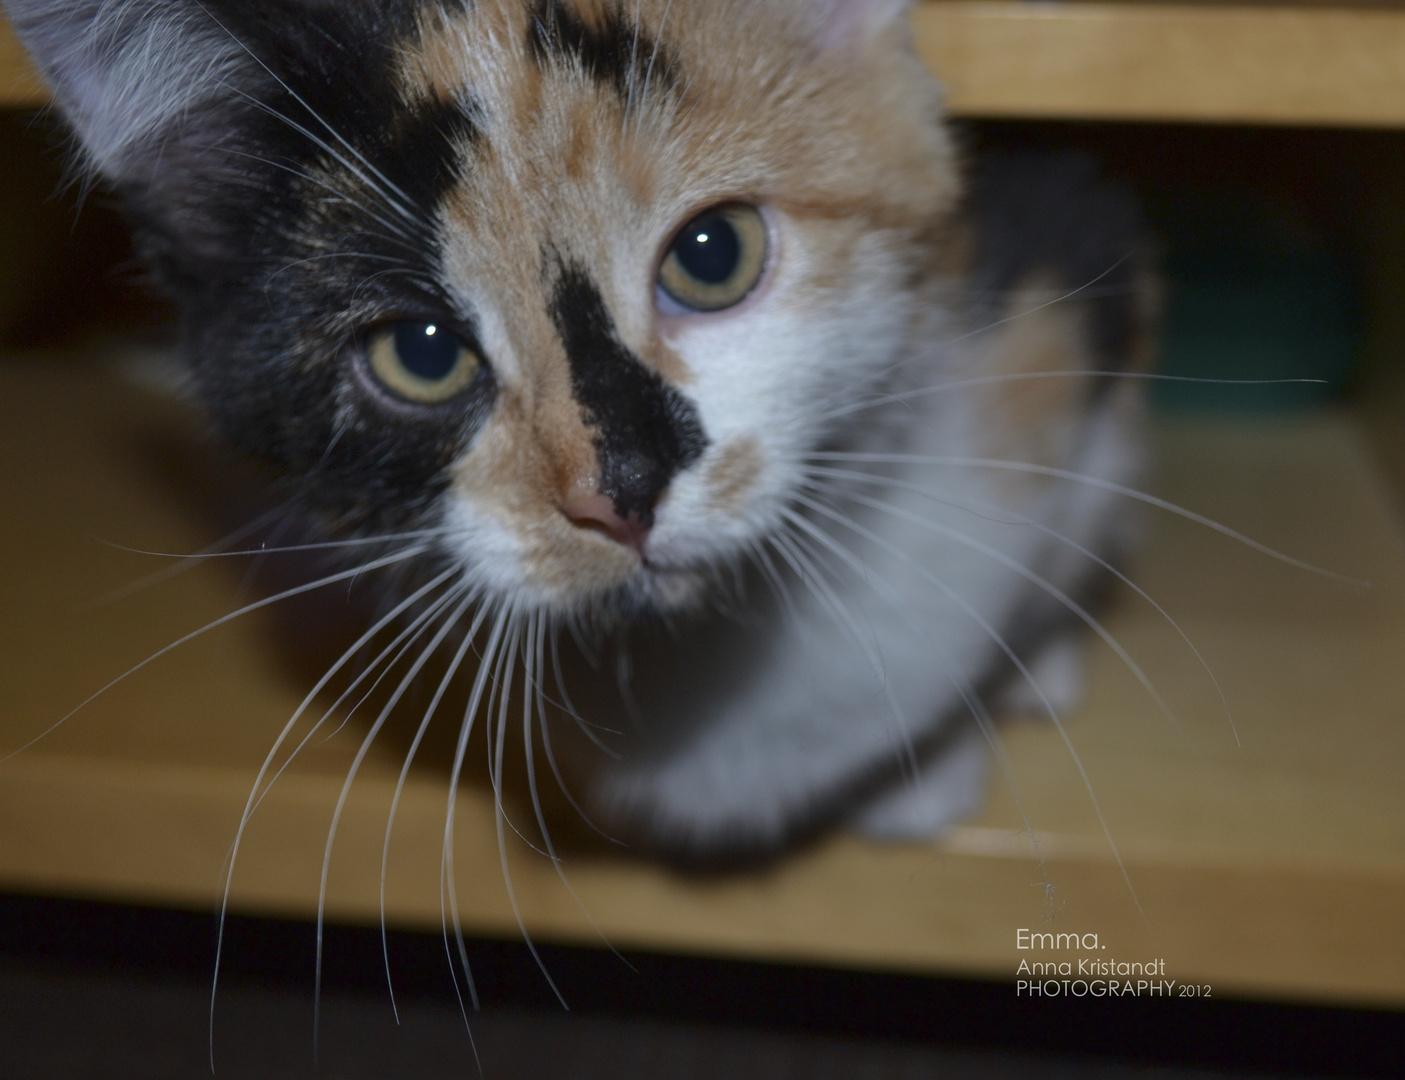 Emma, das kleine Kätzchen